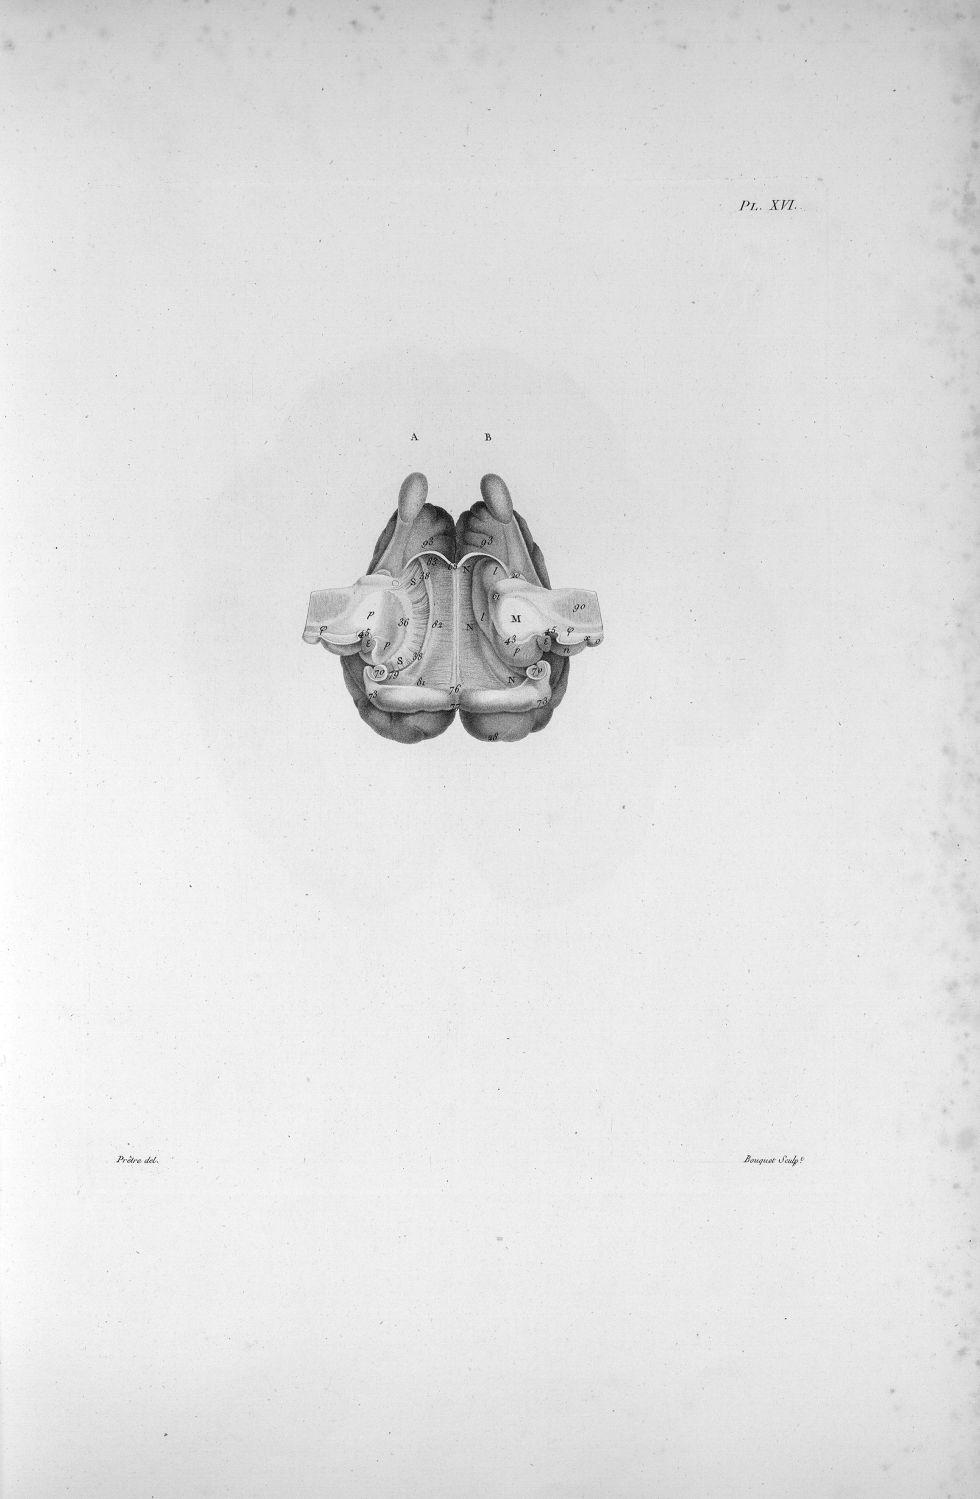 Pl. XVI. Cerveau de mouton posé sur la face supérieure - Anatomie. Neurologie. Cerveaux (têtes). Animal, animaux. 19e siècle (France) - med00575xatlasx0026